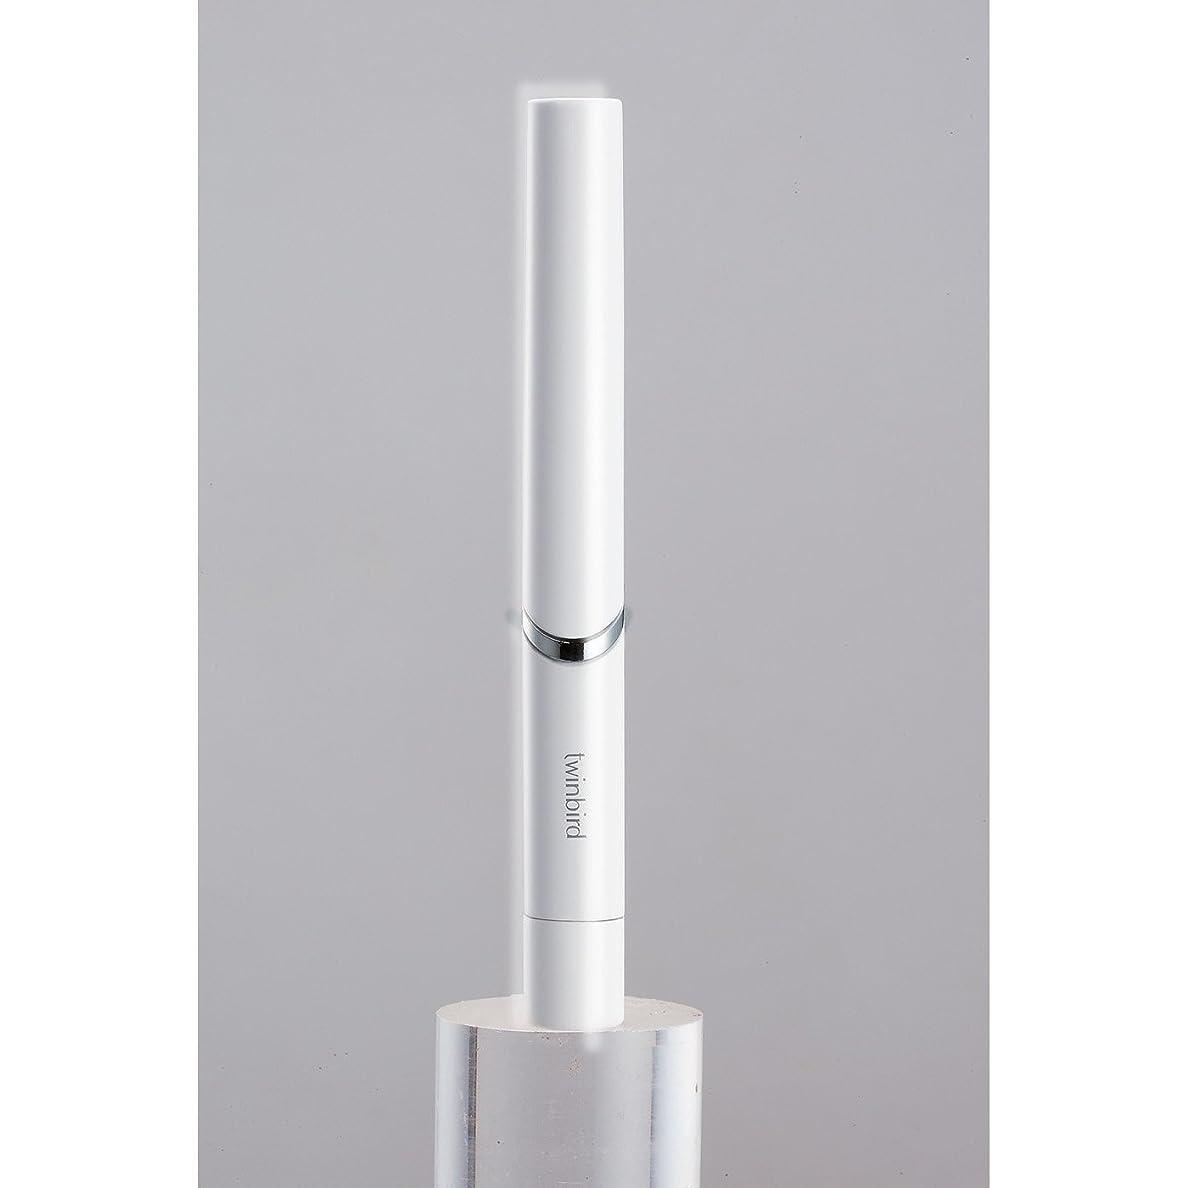 風邪をひくピーク上にツインバード 音波振動式歯ブラシ BD-2741 ホワイト?BD-2741W